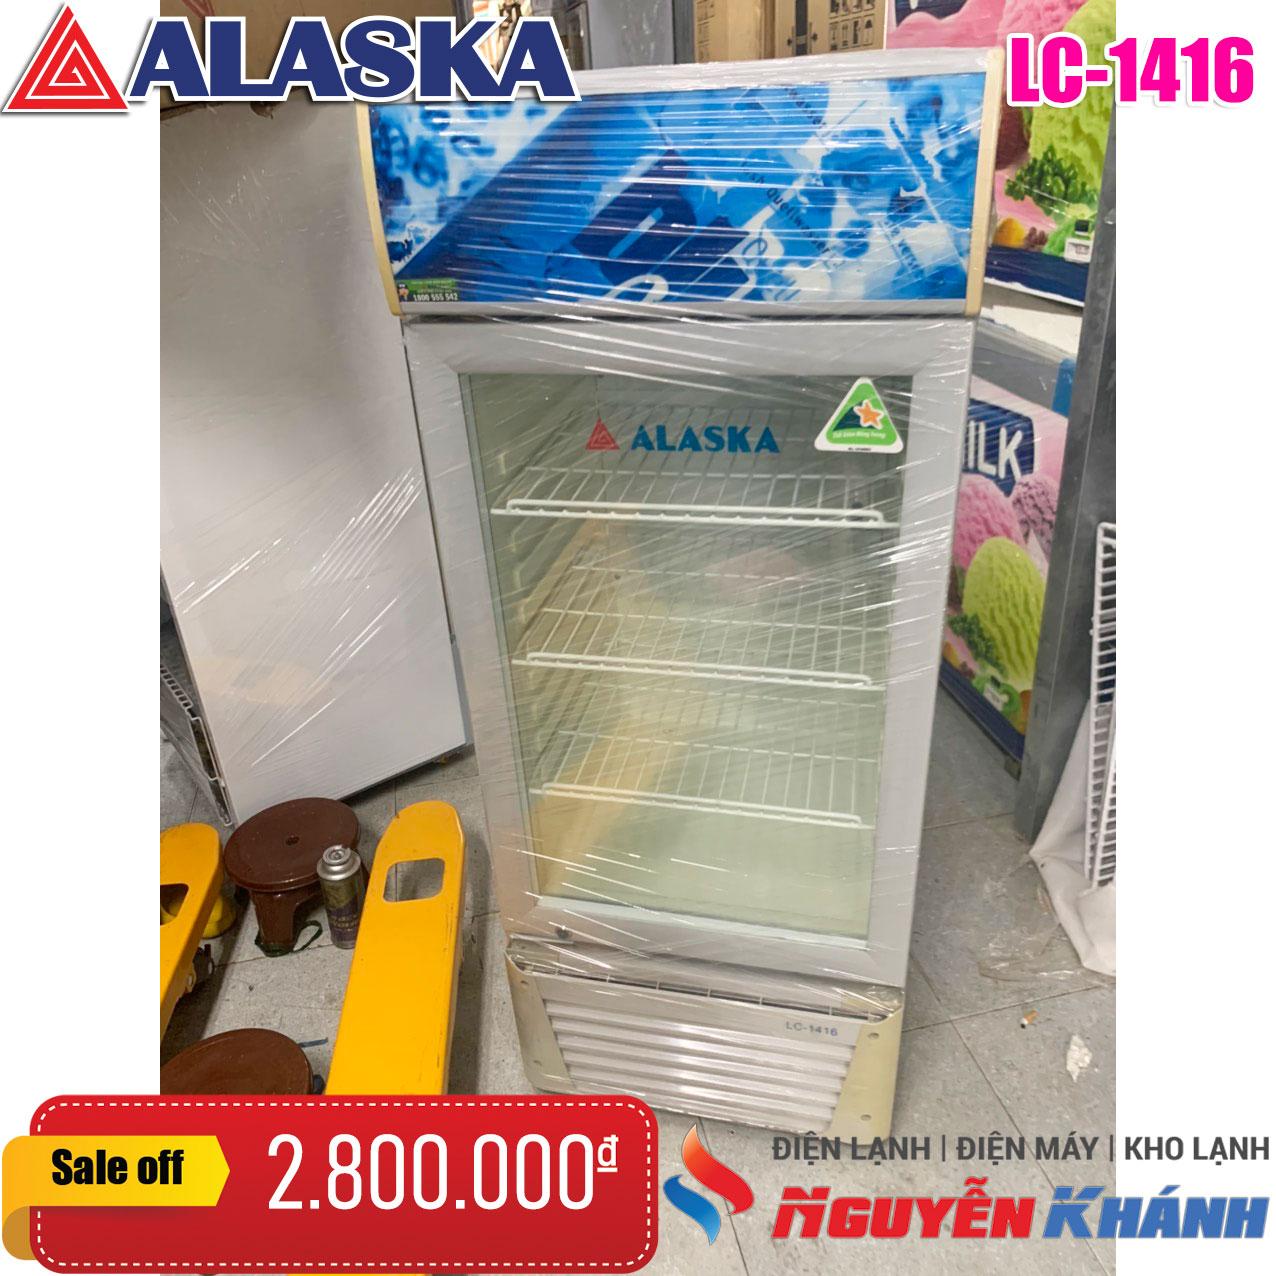 Tủ mát Alaska LC-1416 140 lít